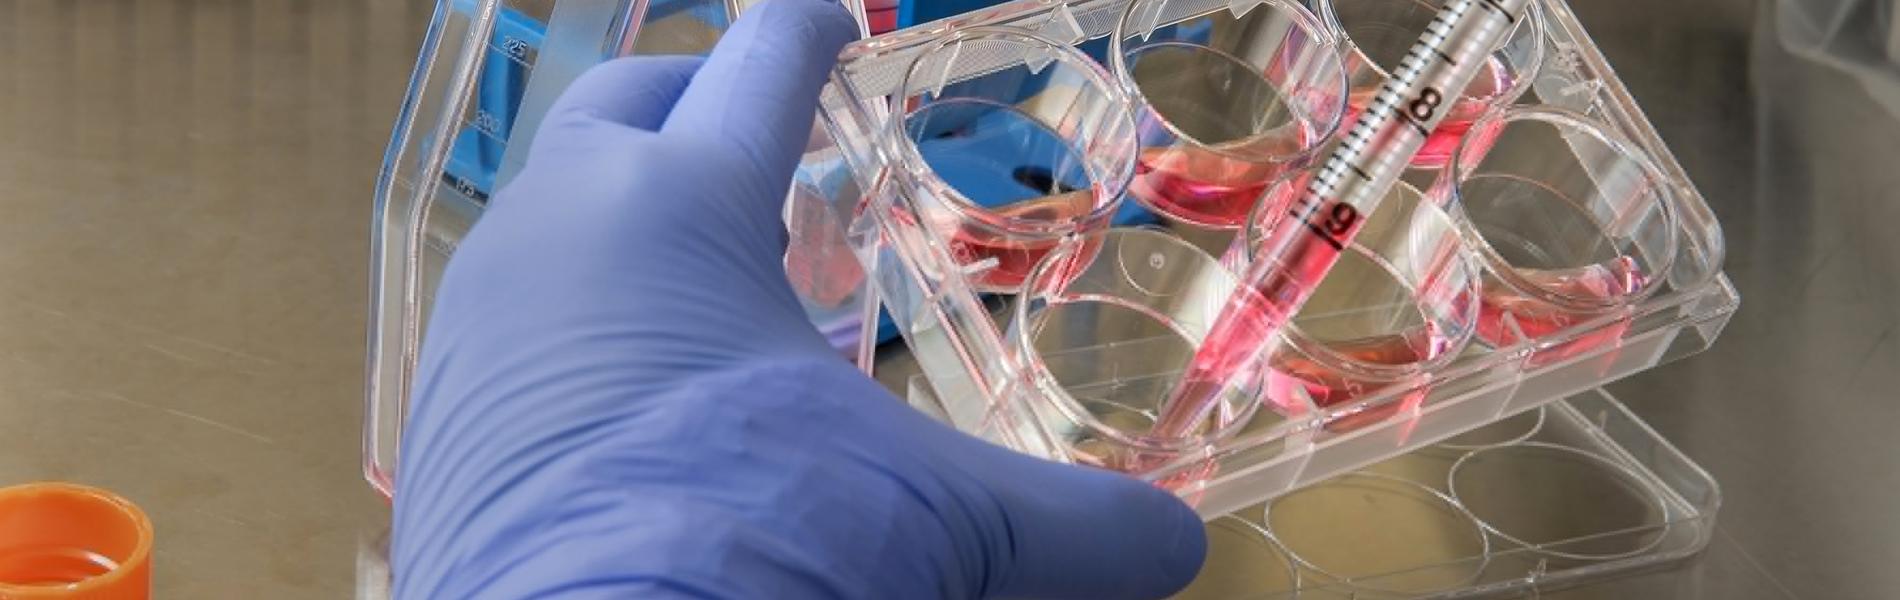 close de uma mão com luva hospitalar manipulando materiais de laboratório